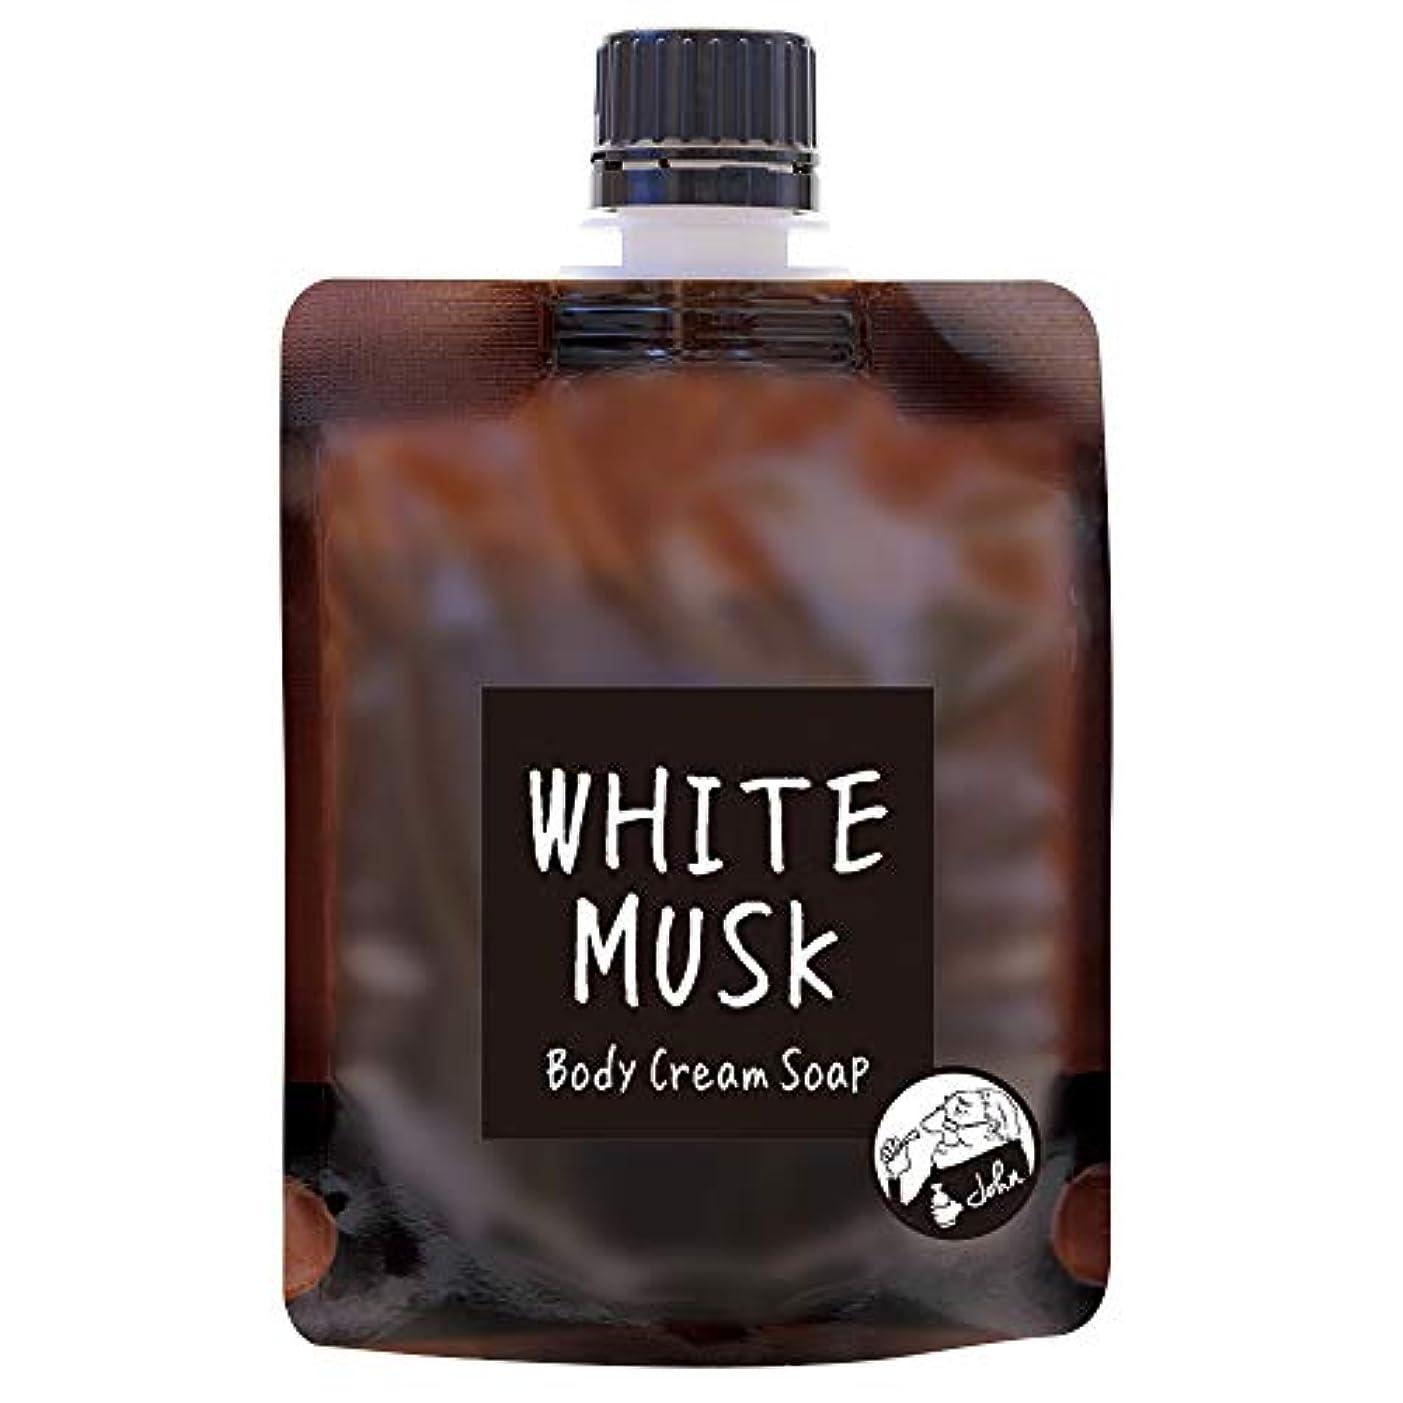 過激派エリートノルコーポレーション John's Blend ボディクリームソープ 保湿成分配合 OA-JON-19-1 ボディソープ ホワイトムスクの香り 100g